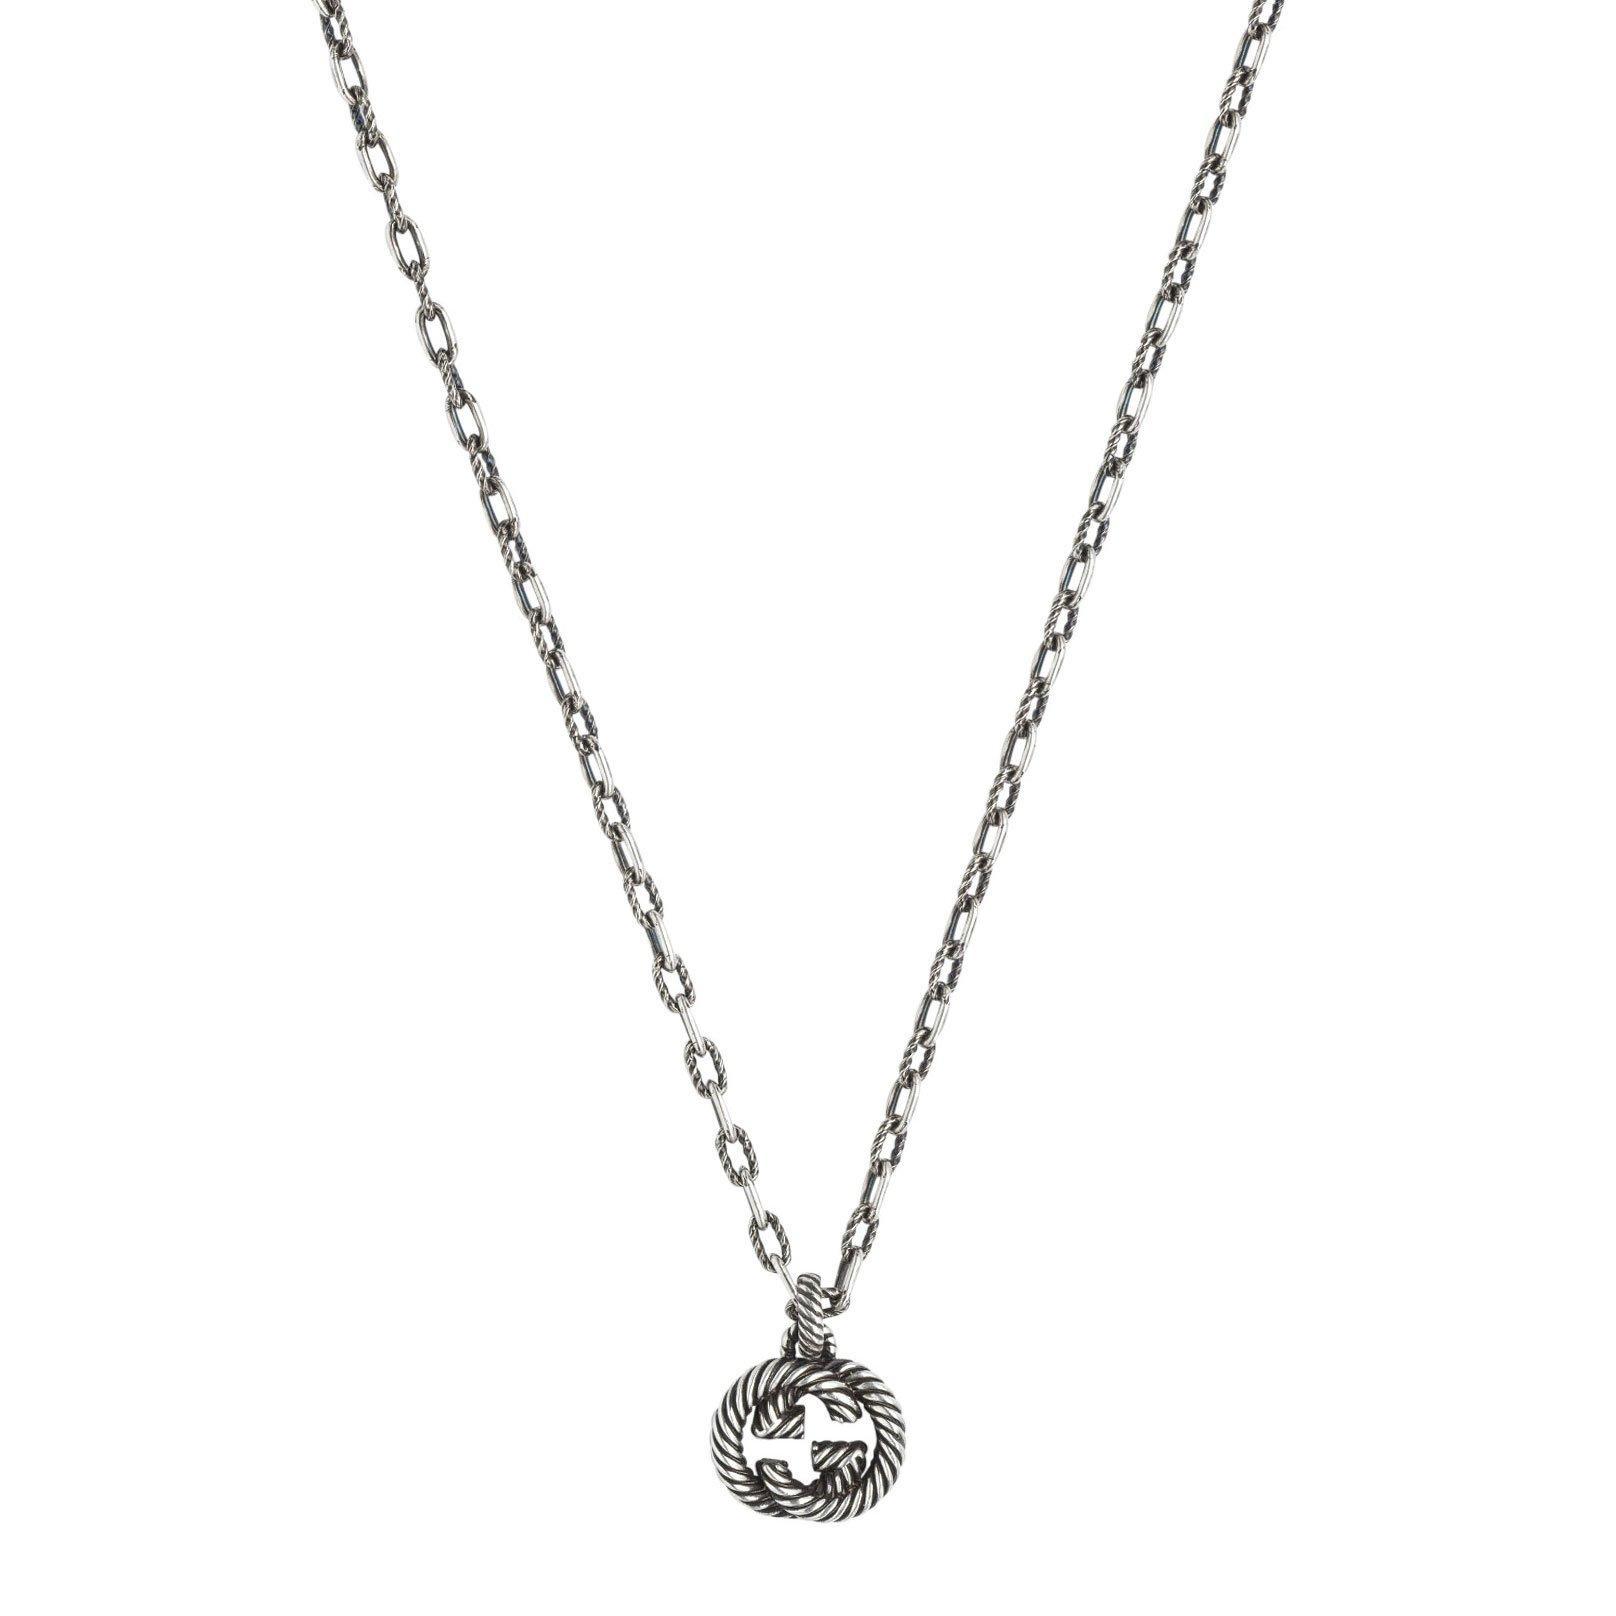 Gucci Interlocking G Silver Pendant